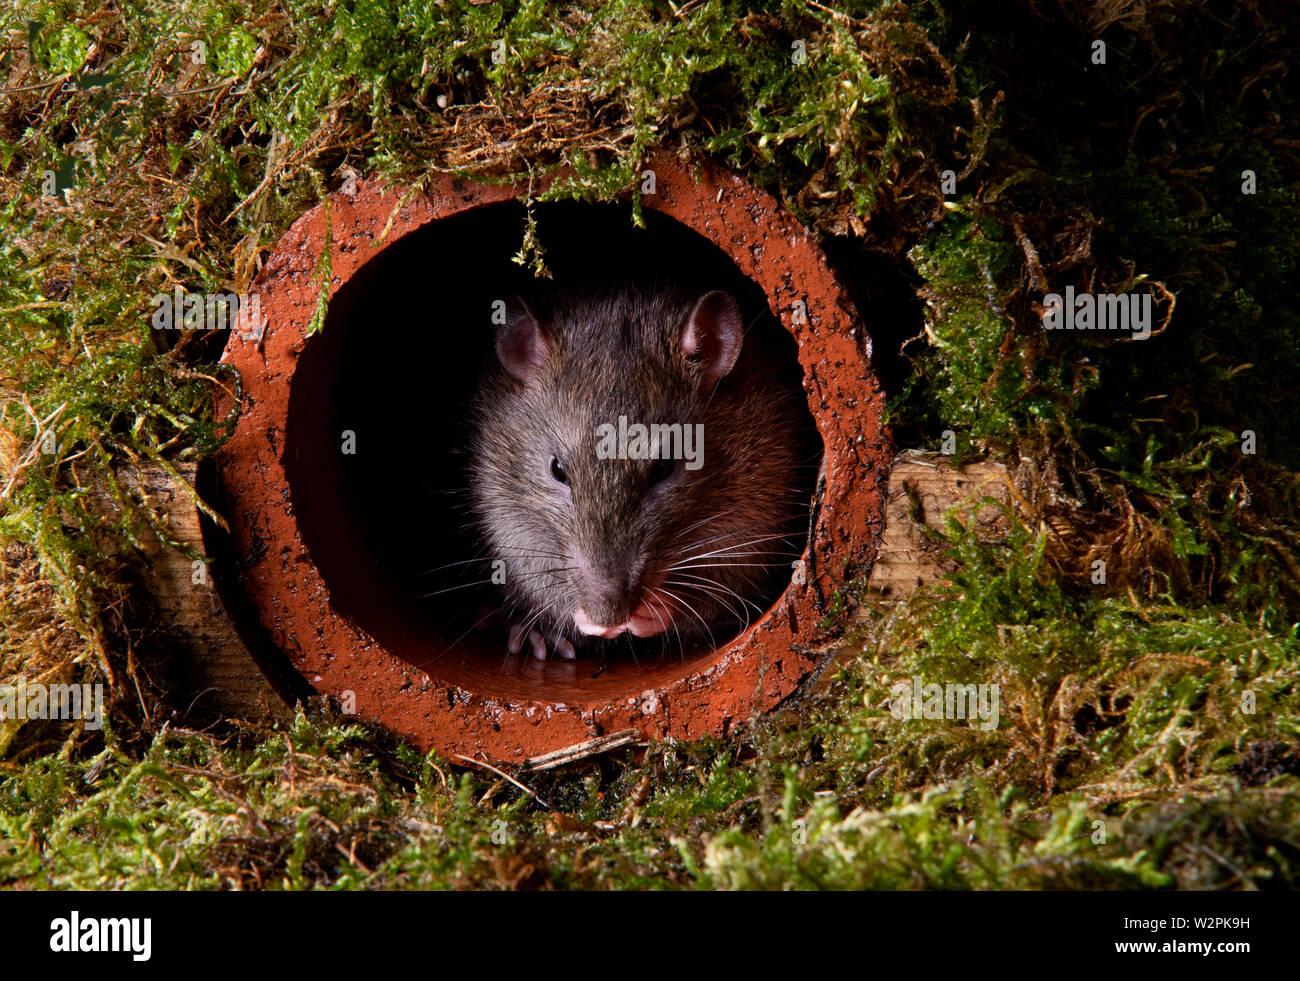 Eine wilde braune Ratte in einem terracotta Ablaufleitung Stockfoto